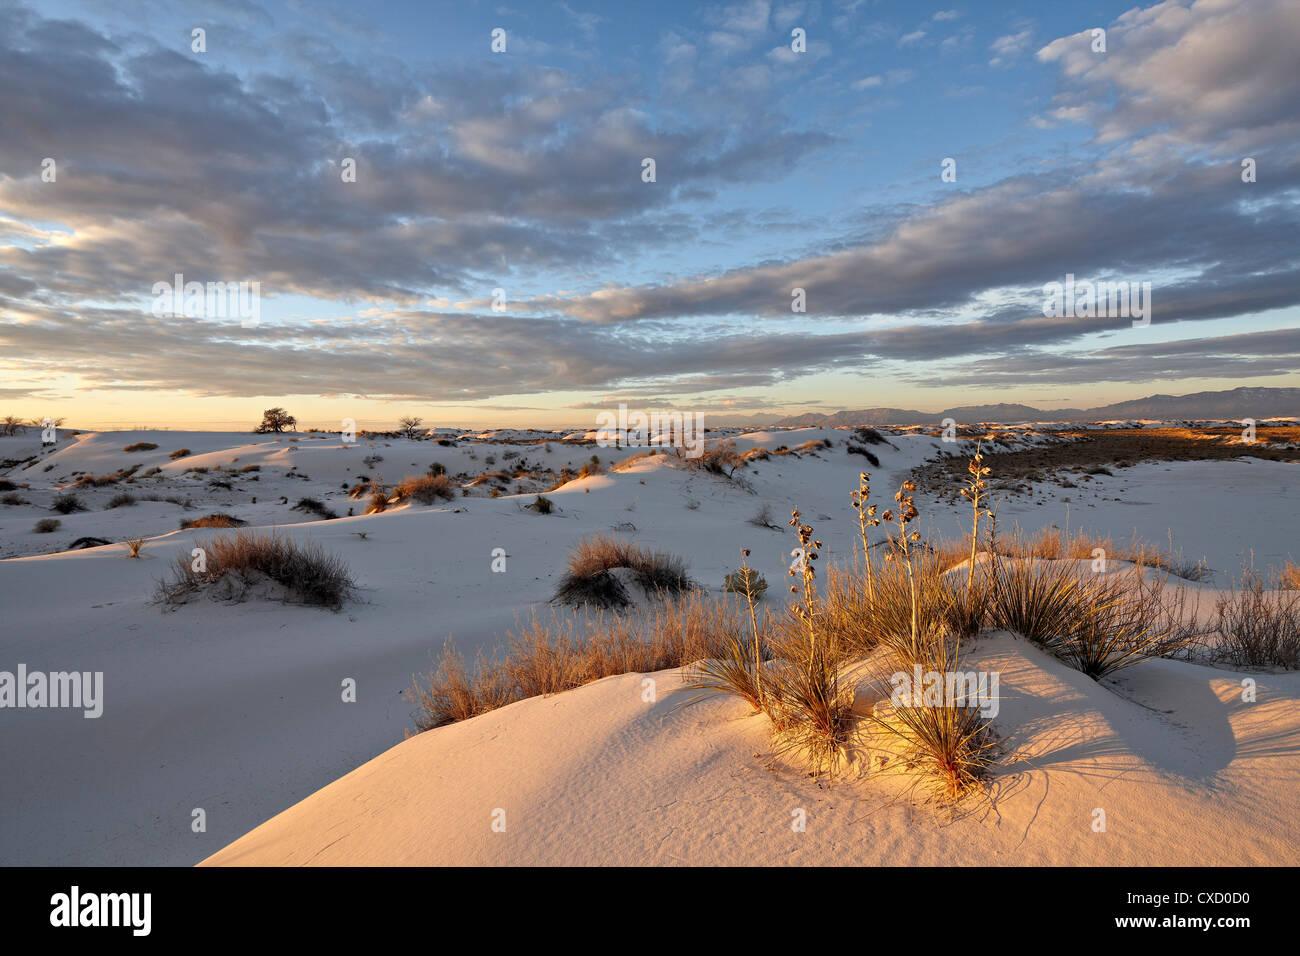 La première lumière sur un cluster de yucca parmi les dunes, White Sands National Monument, Nouveau-Mexique, États-Unis d'Amérique Banque D'Images